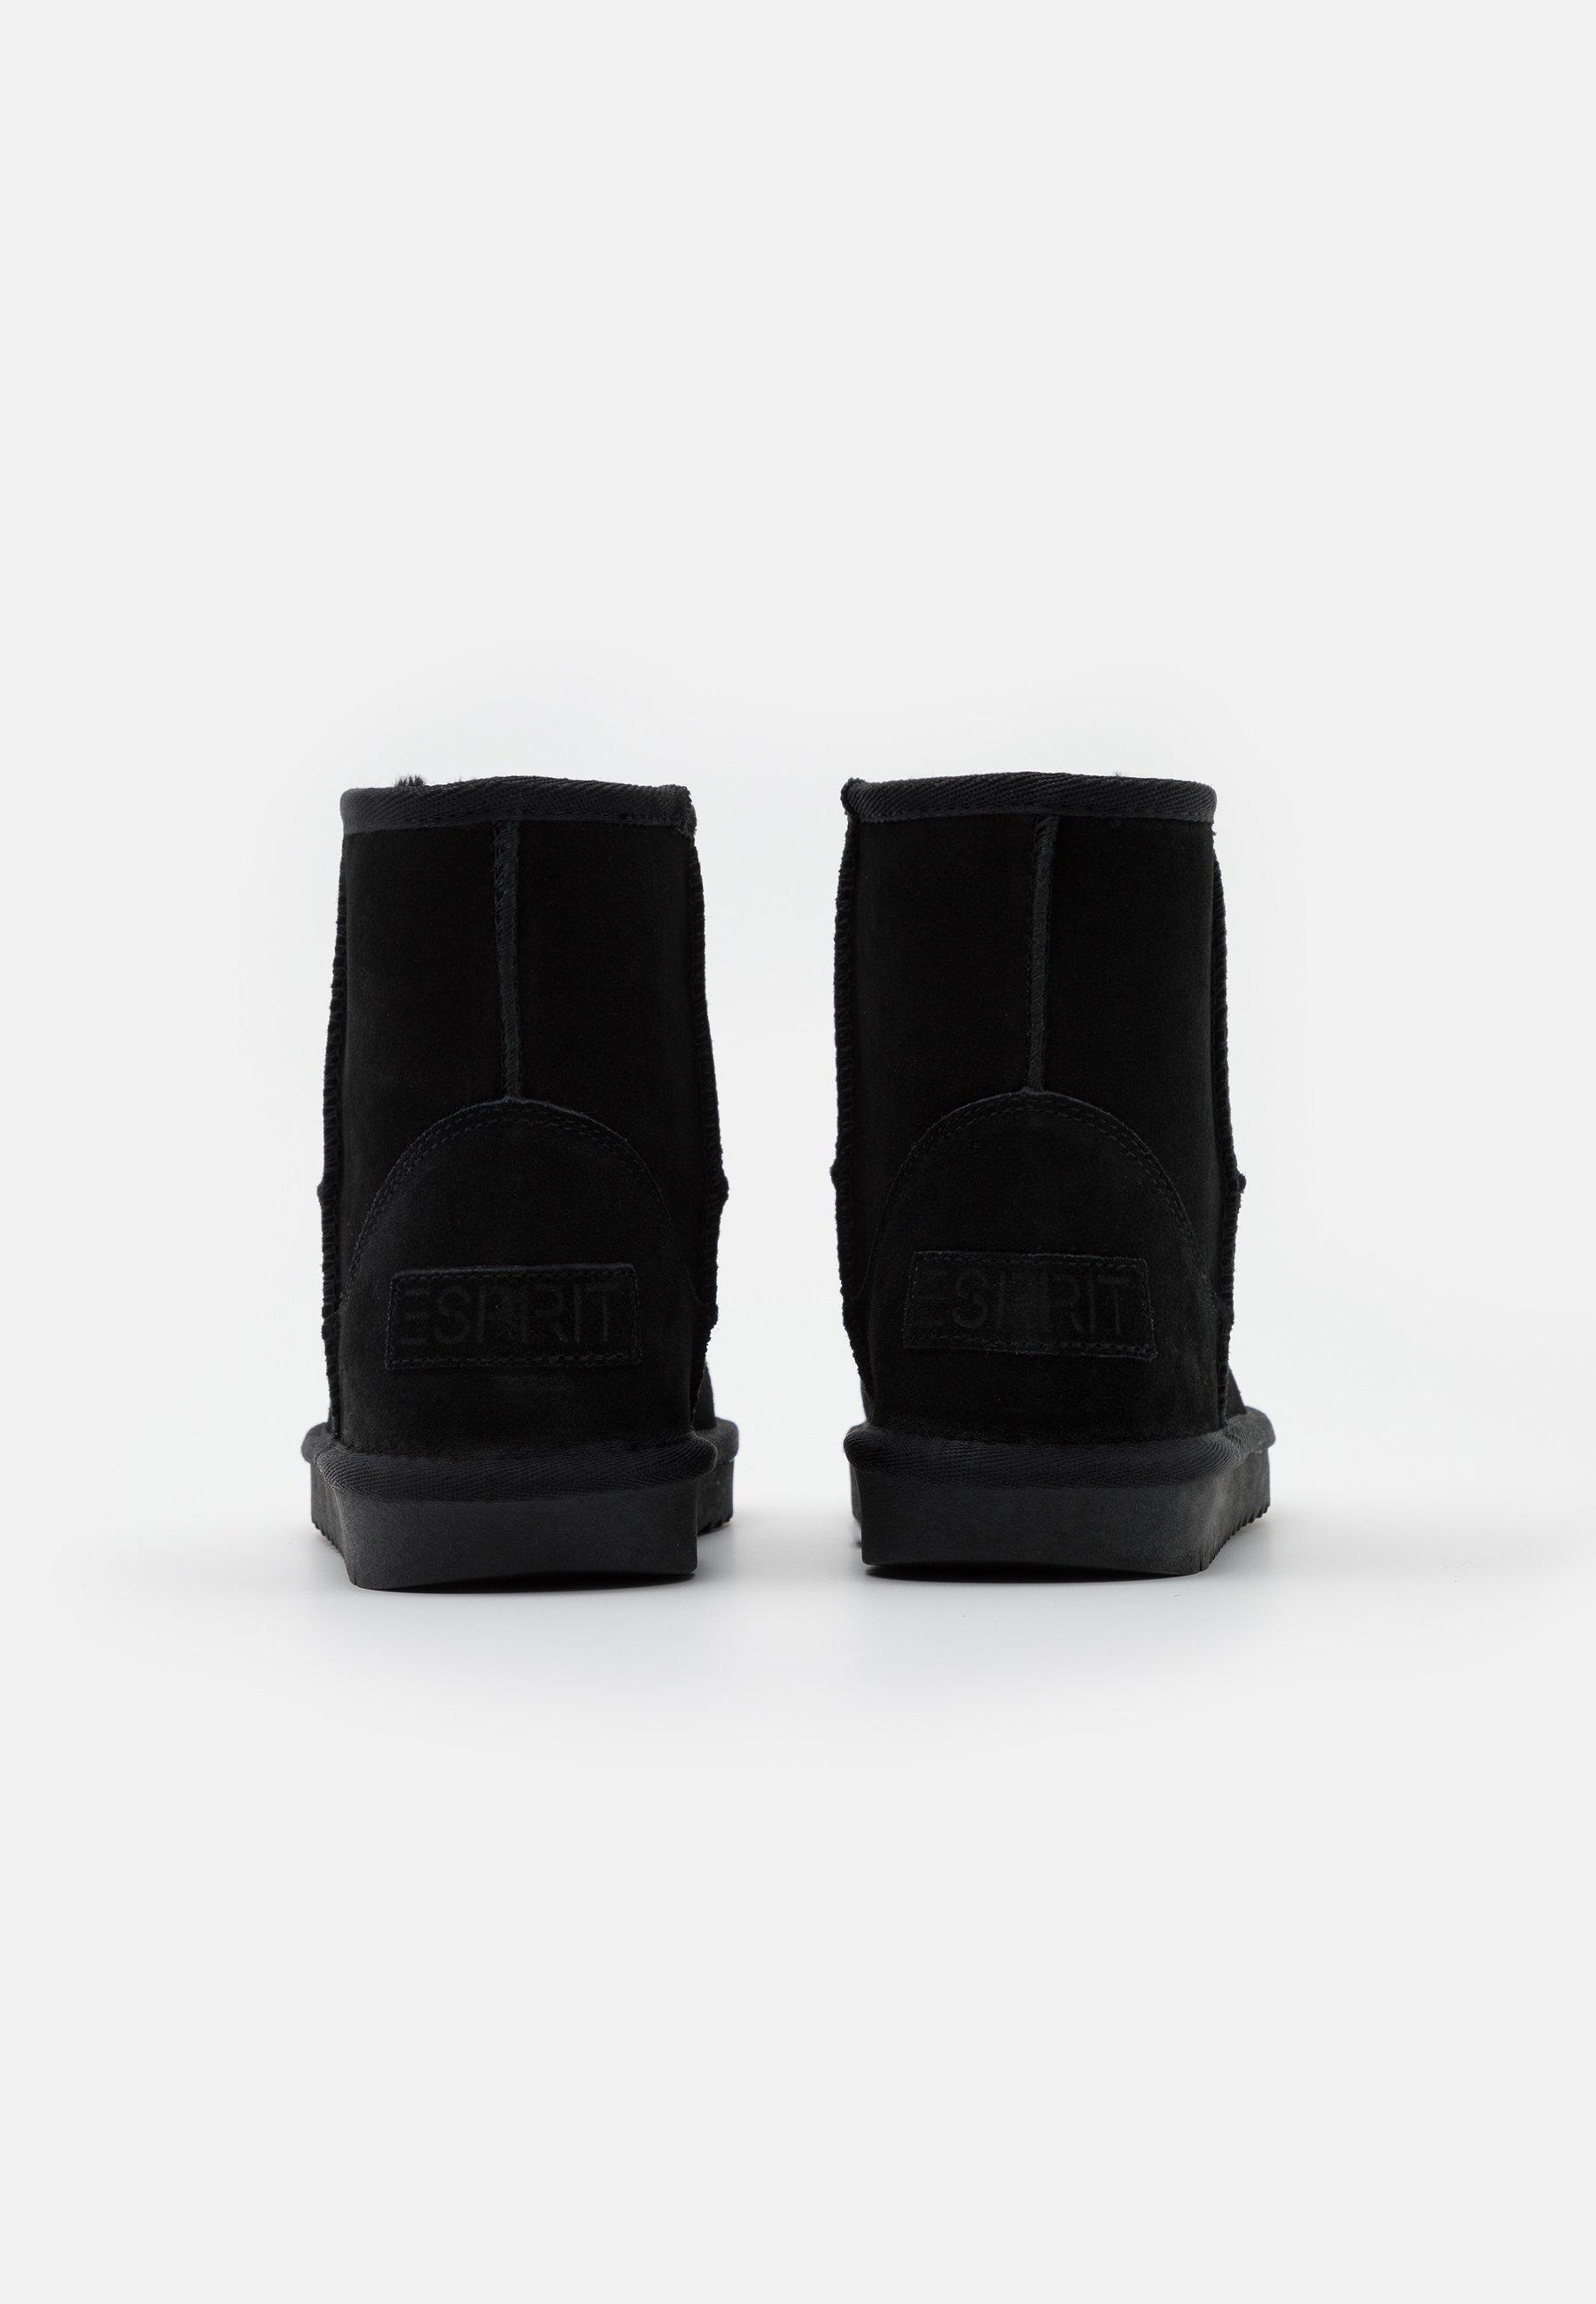 Esprit Luna Mid Bootie - Stiefelette Black/schwarz